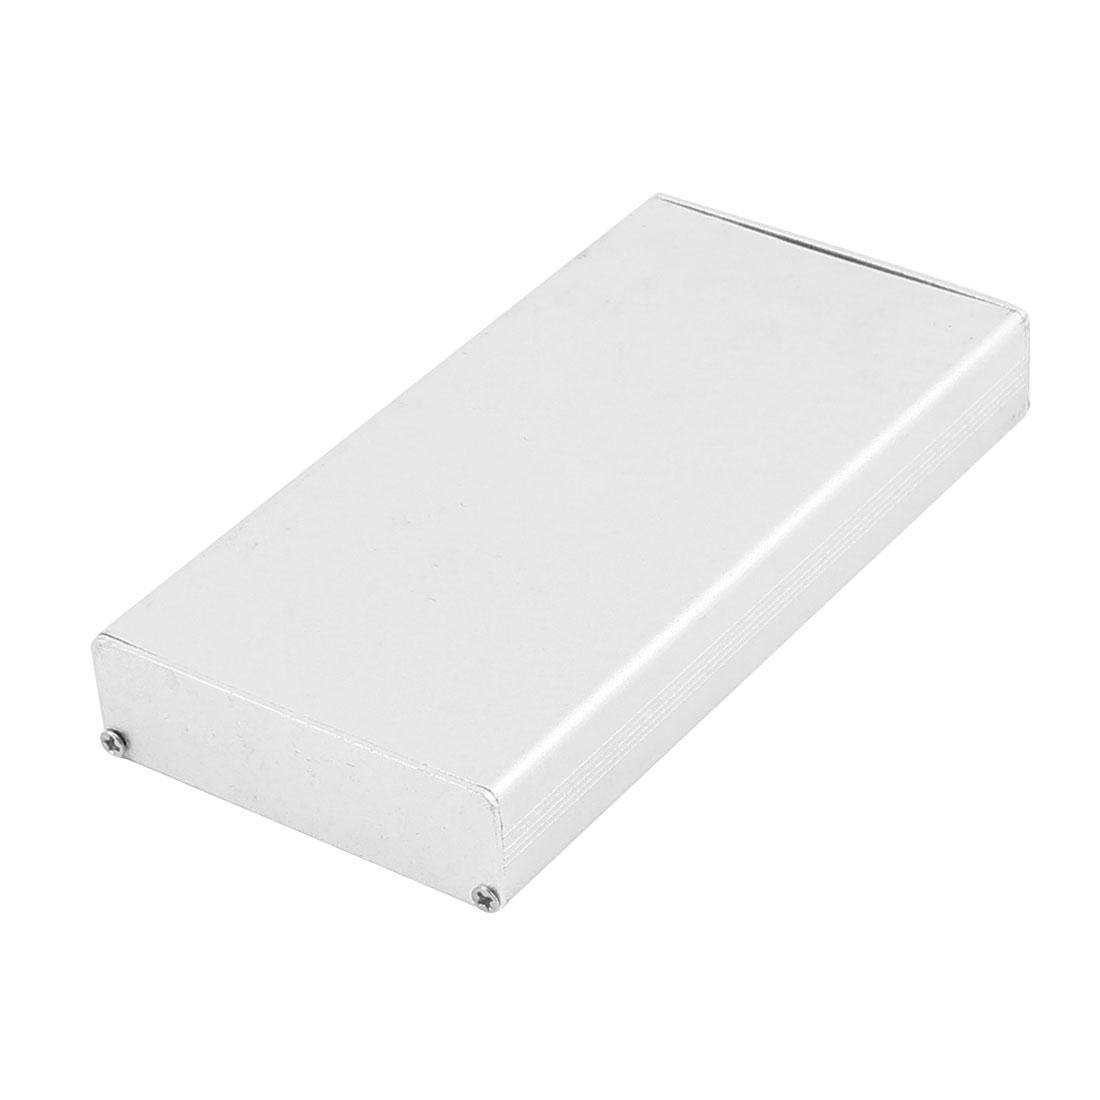 113 x 57 x 17mm Multi-purpose Extruded Aluminum Enclosure Electronic Box